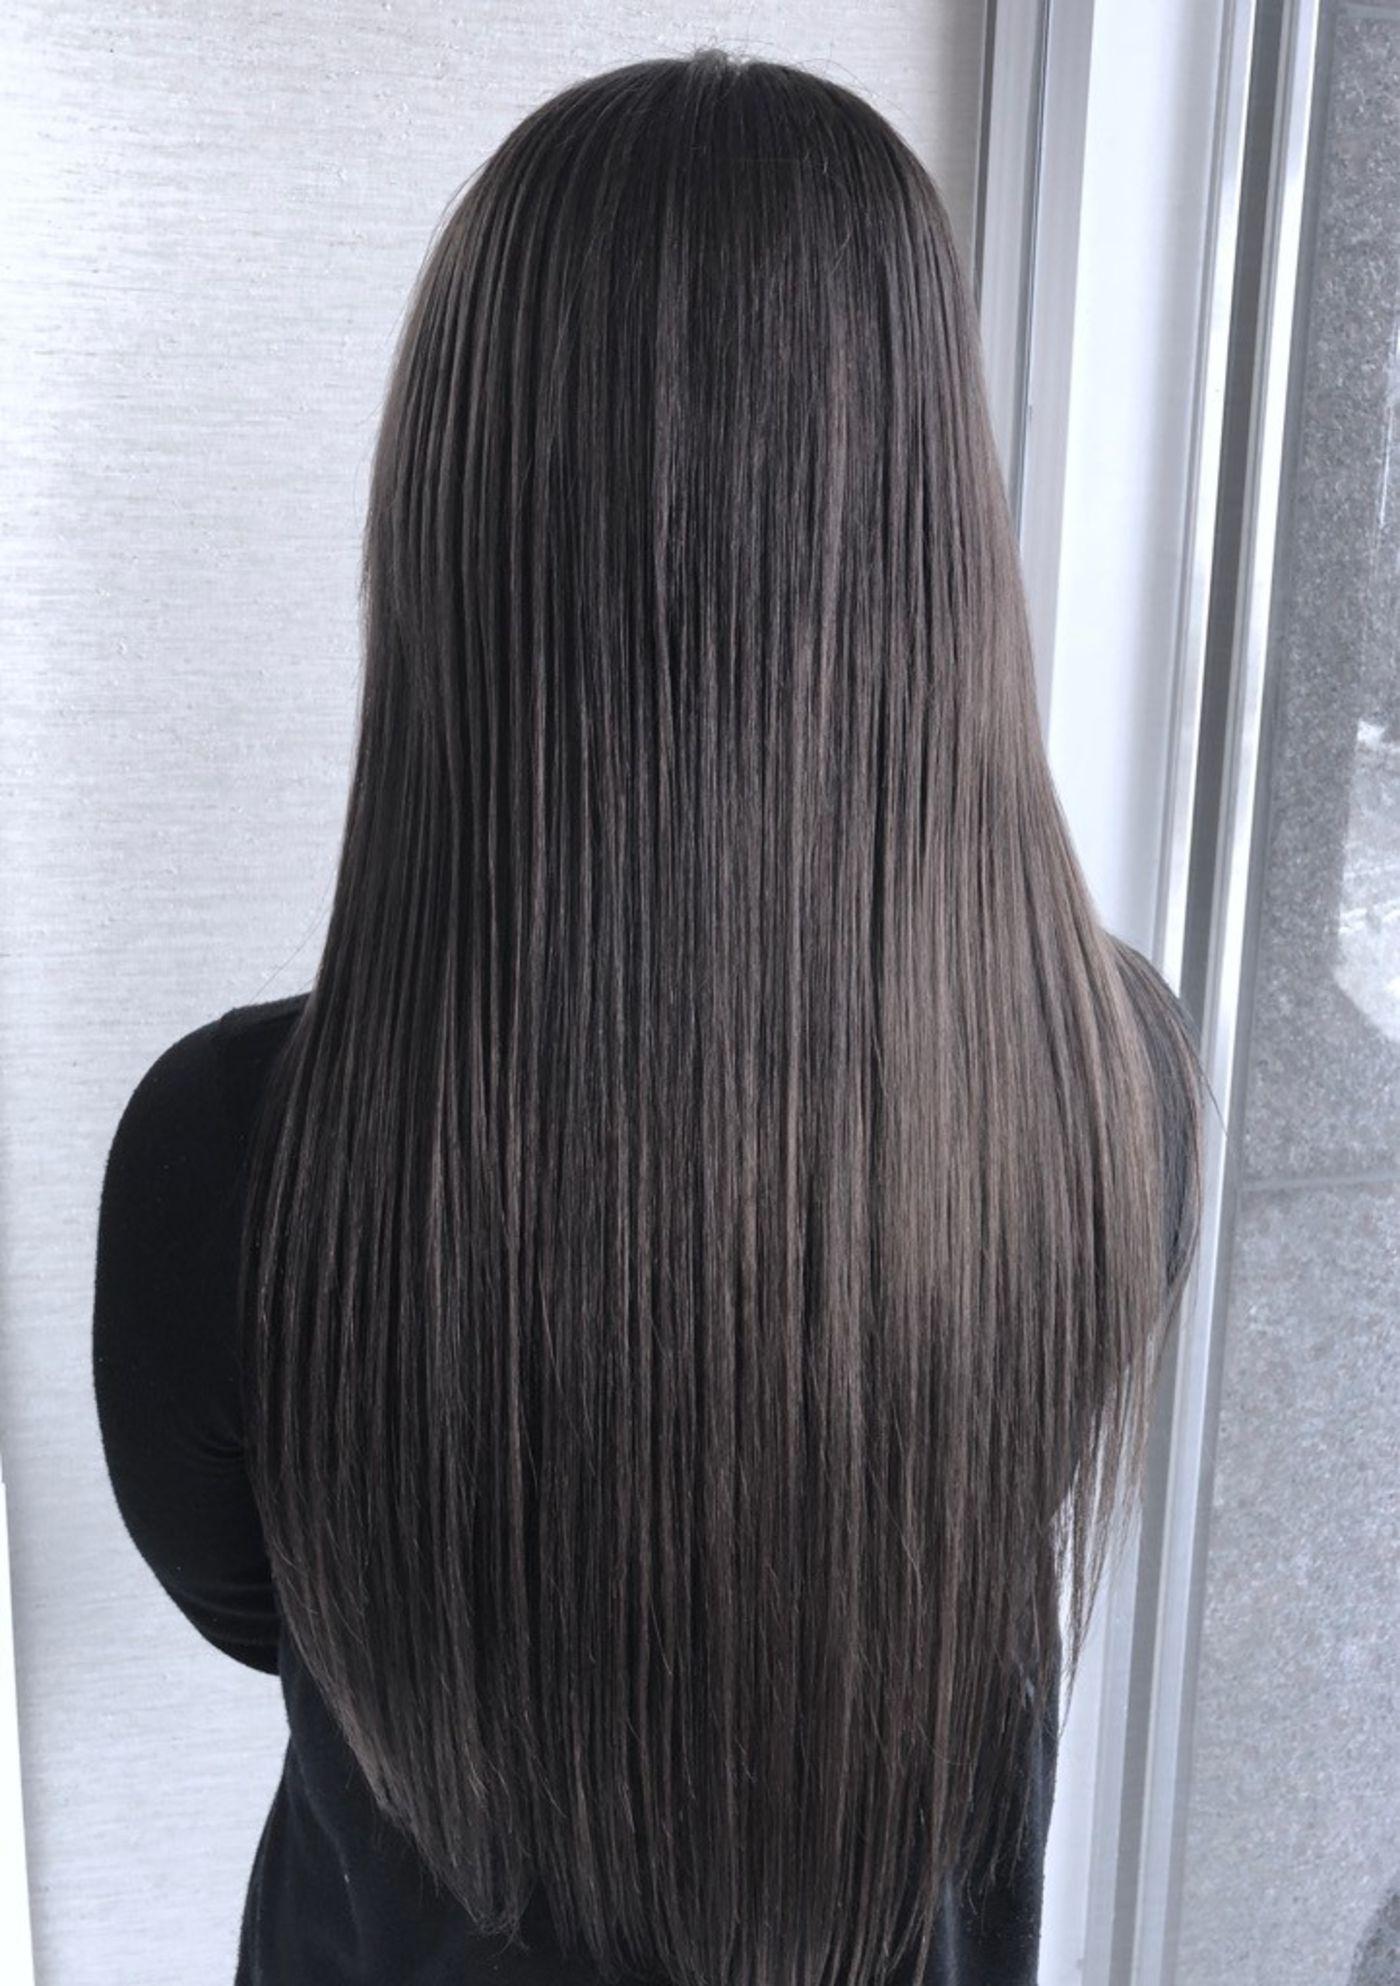 おすすめヘアスタイル3:毛先のパサつきが気になるなら、オーダーストレートで決まり!